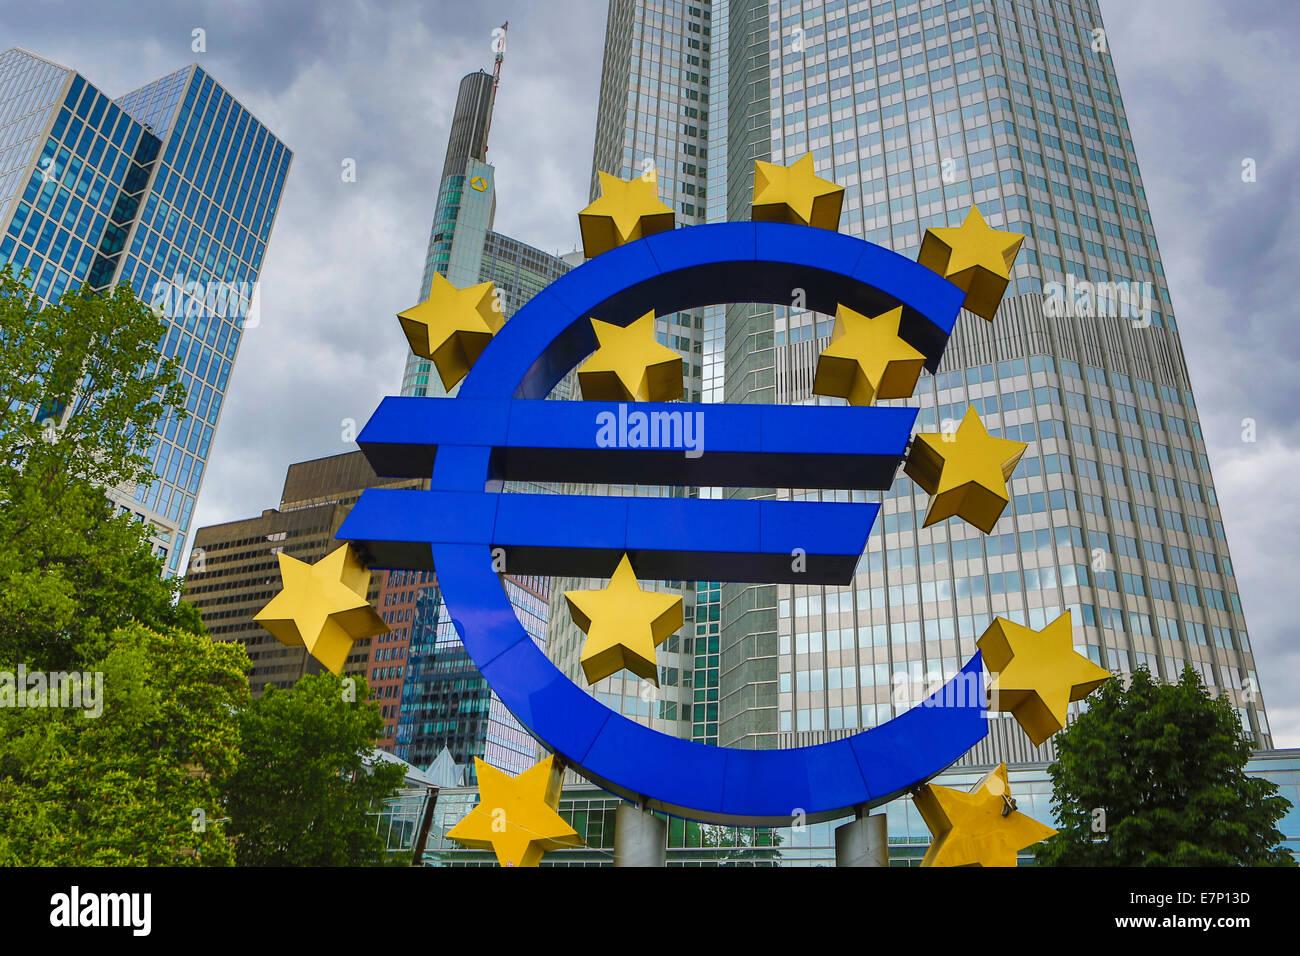 Ue, Euro, Francoforte, Germania, Europa, banca, blu, business, città, Unione europea, immagine, denaro, monumento, Immagini Stock